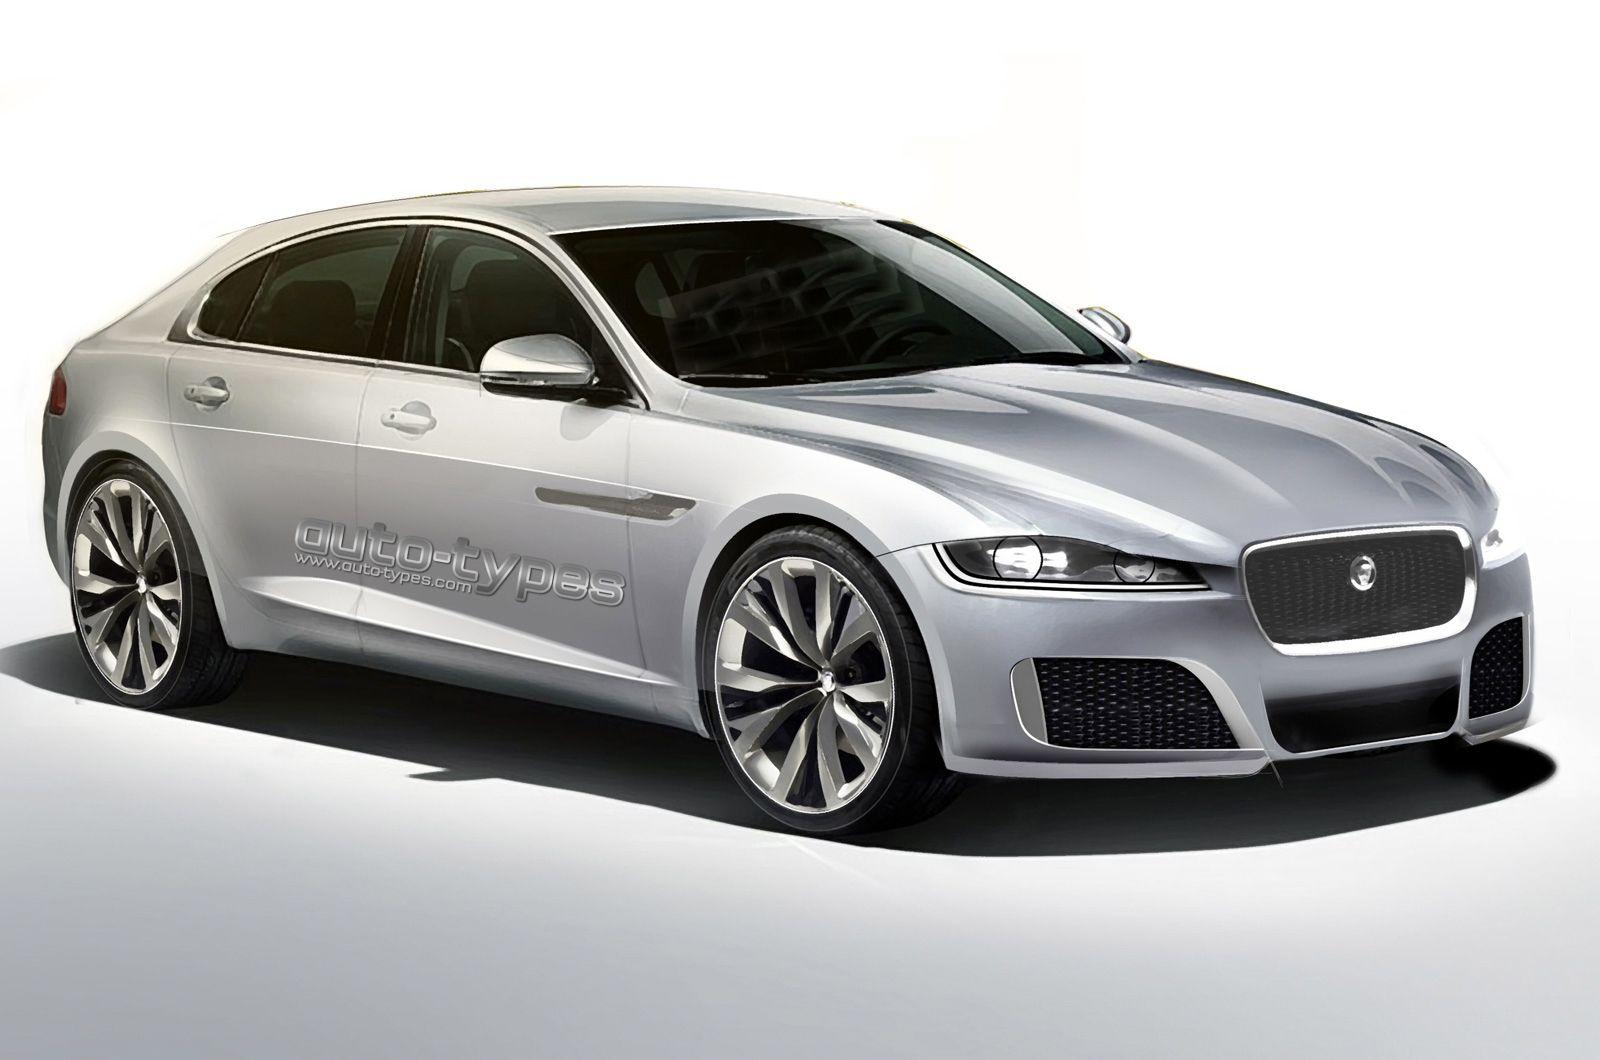 Best jaguar xe car picture